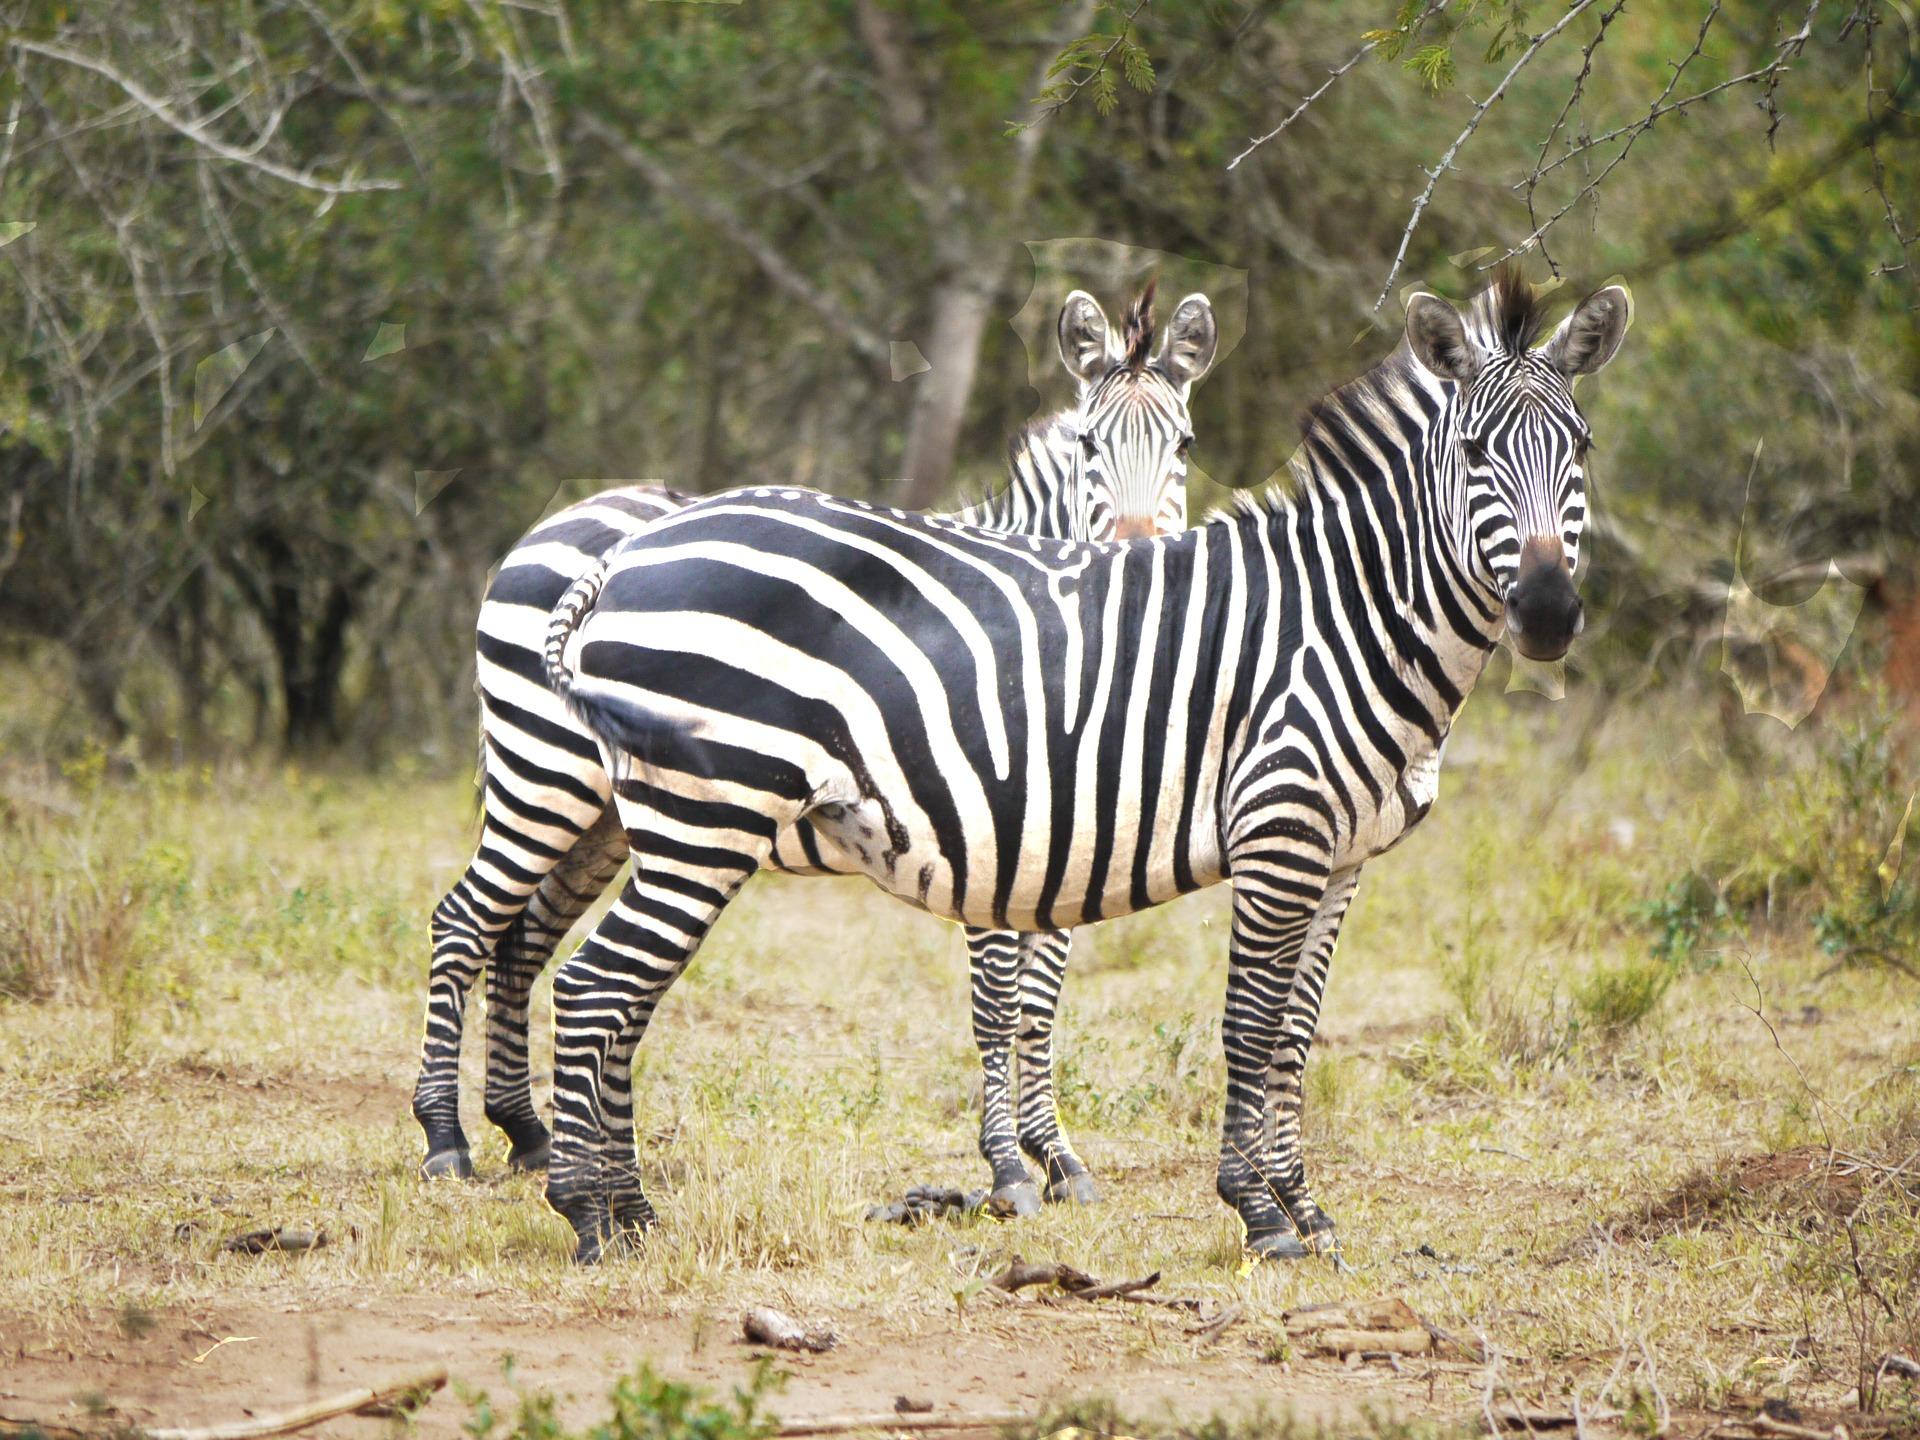 zebras-1536872_1920